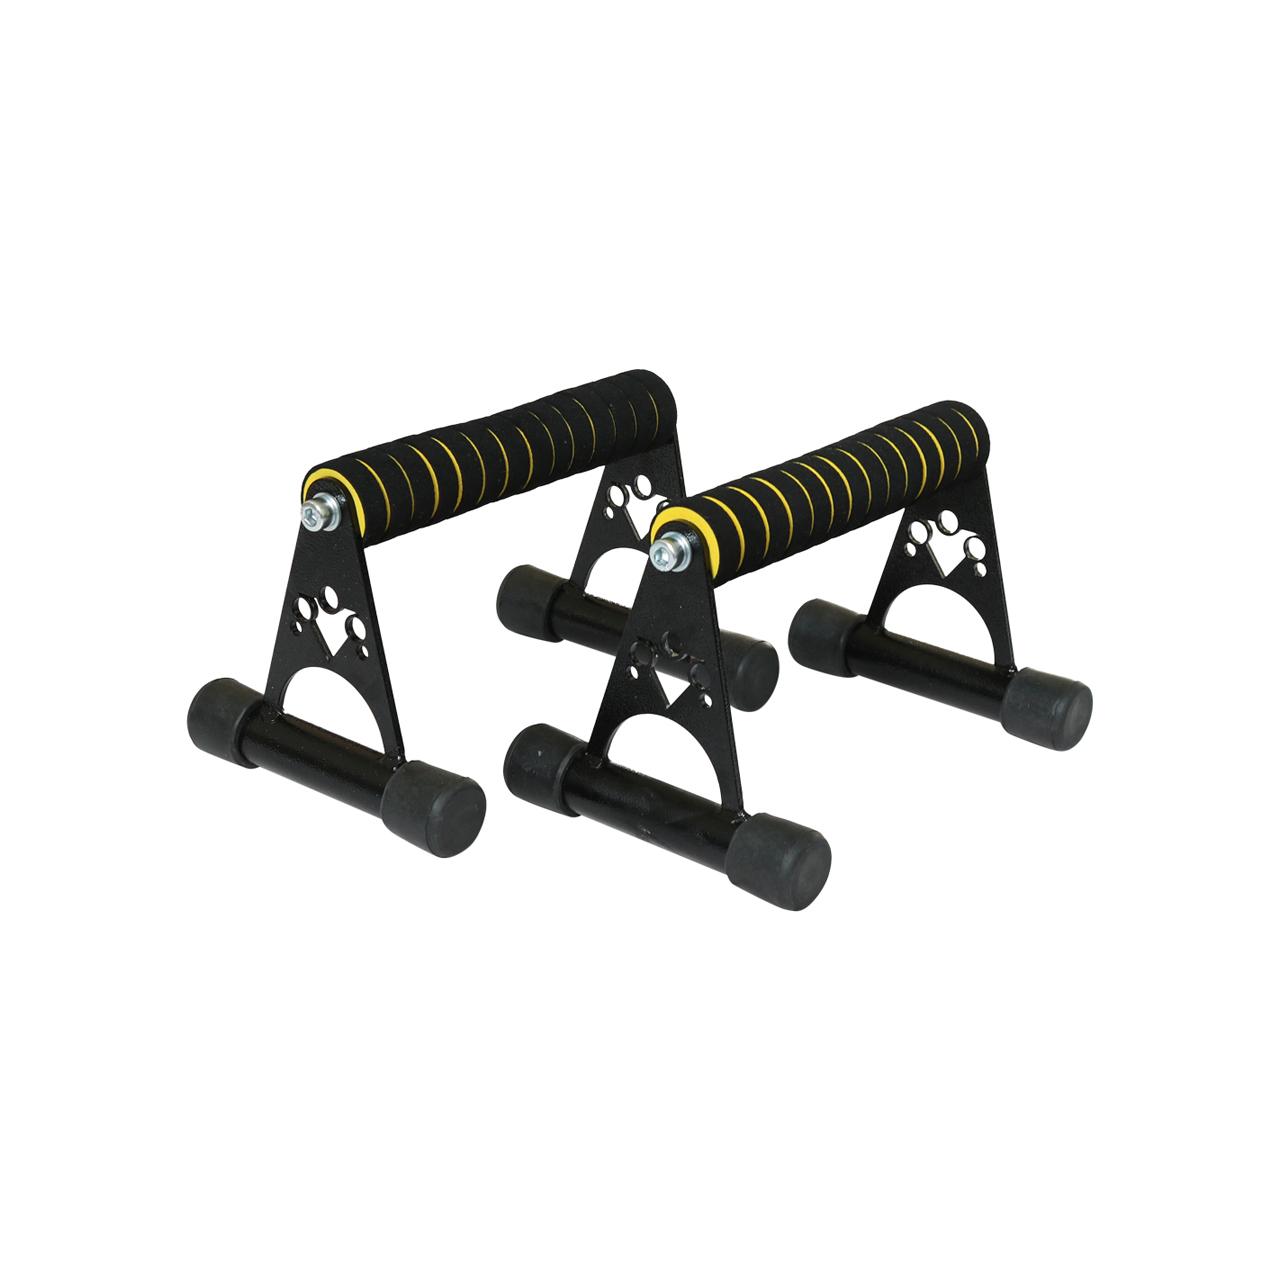 Отжимания в упоре сзади от лавки: техника и нюансы упражнения